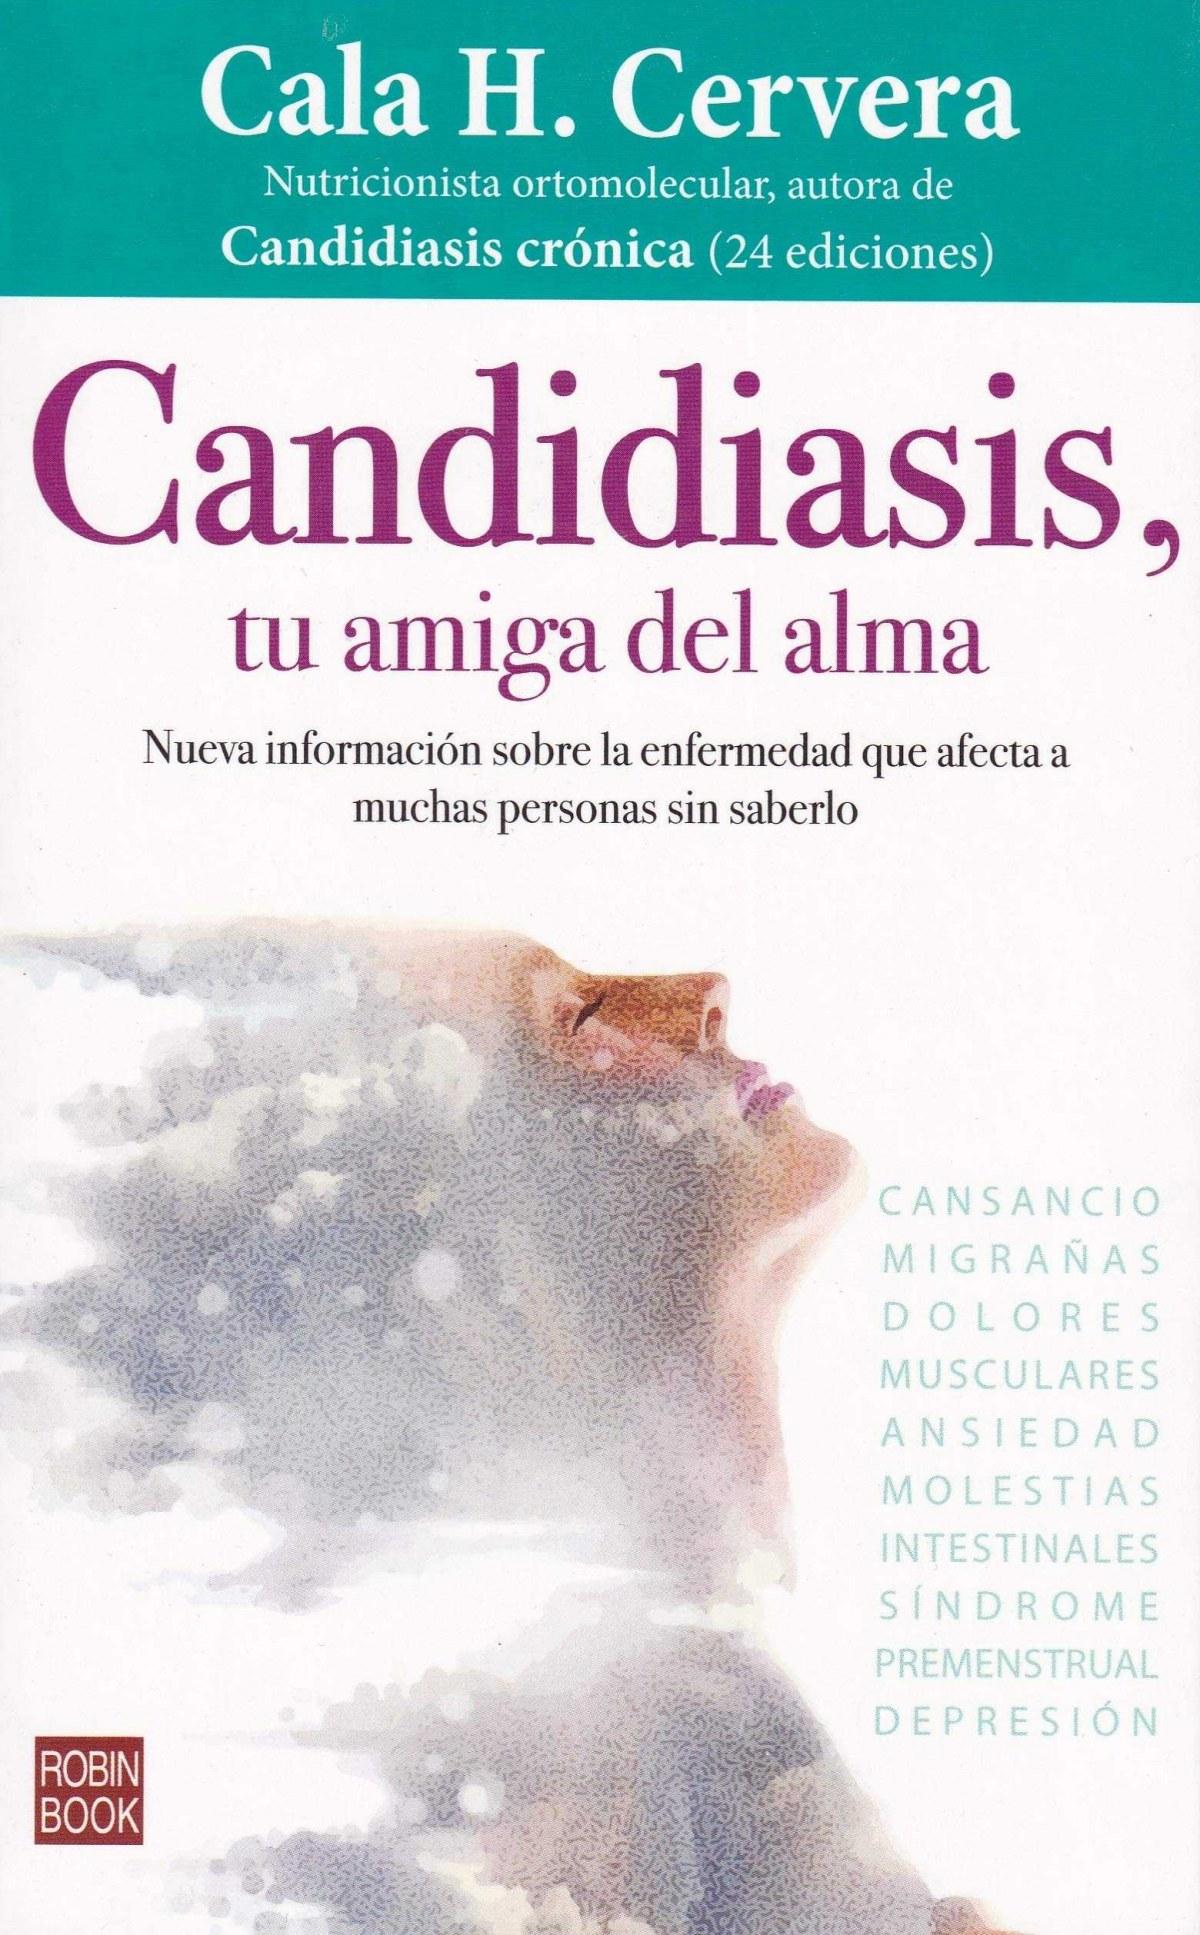 CANDIDIASIS, TU AMIGA DEL ALMA